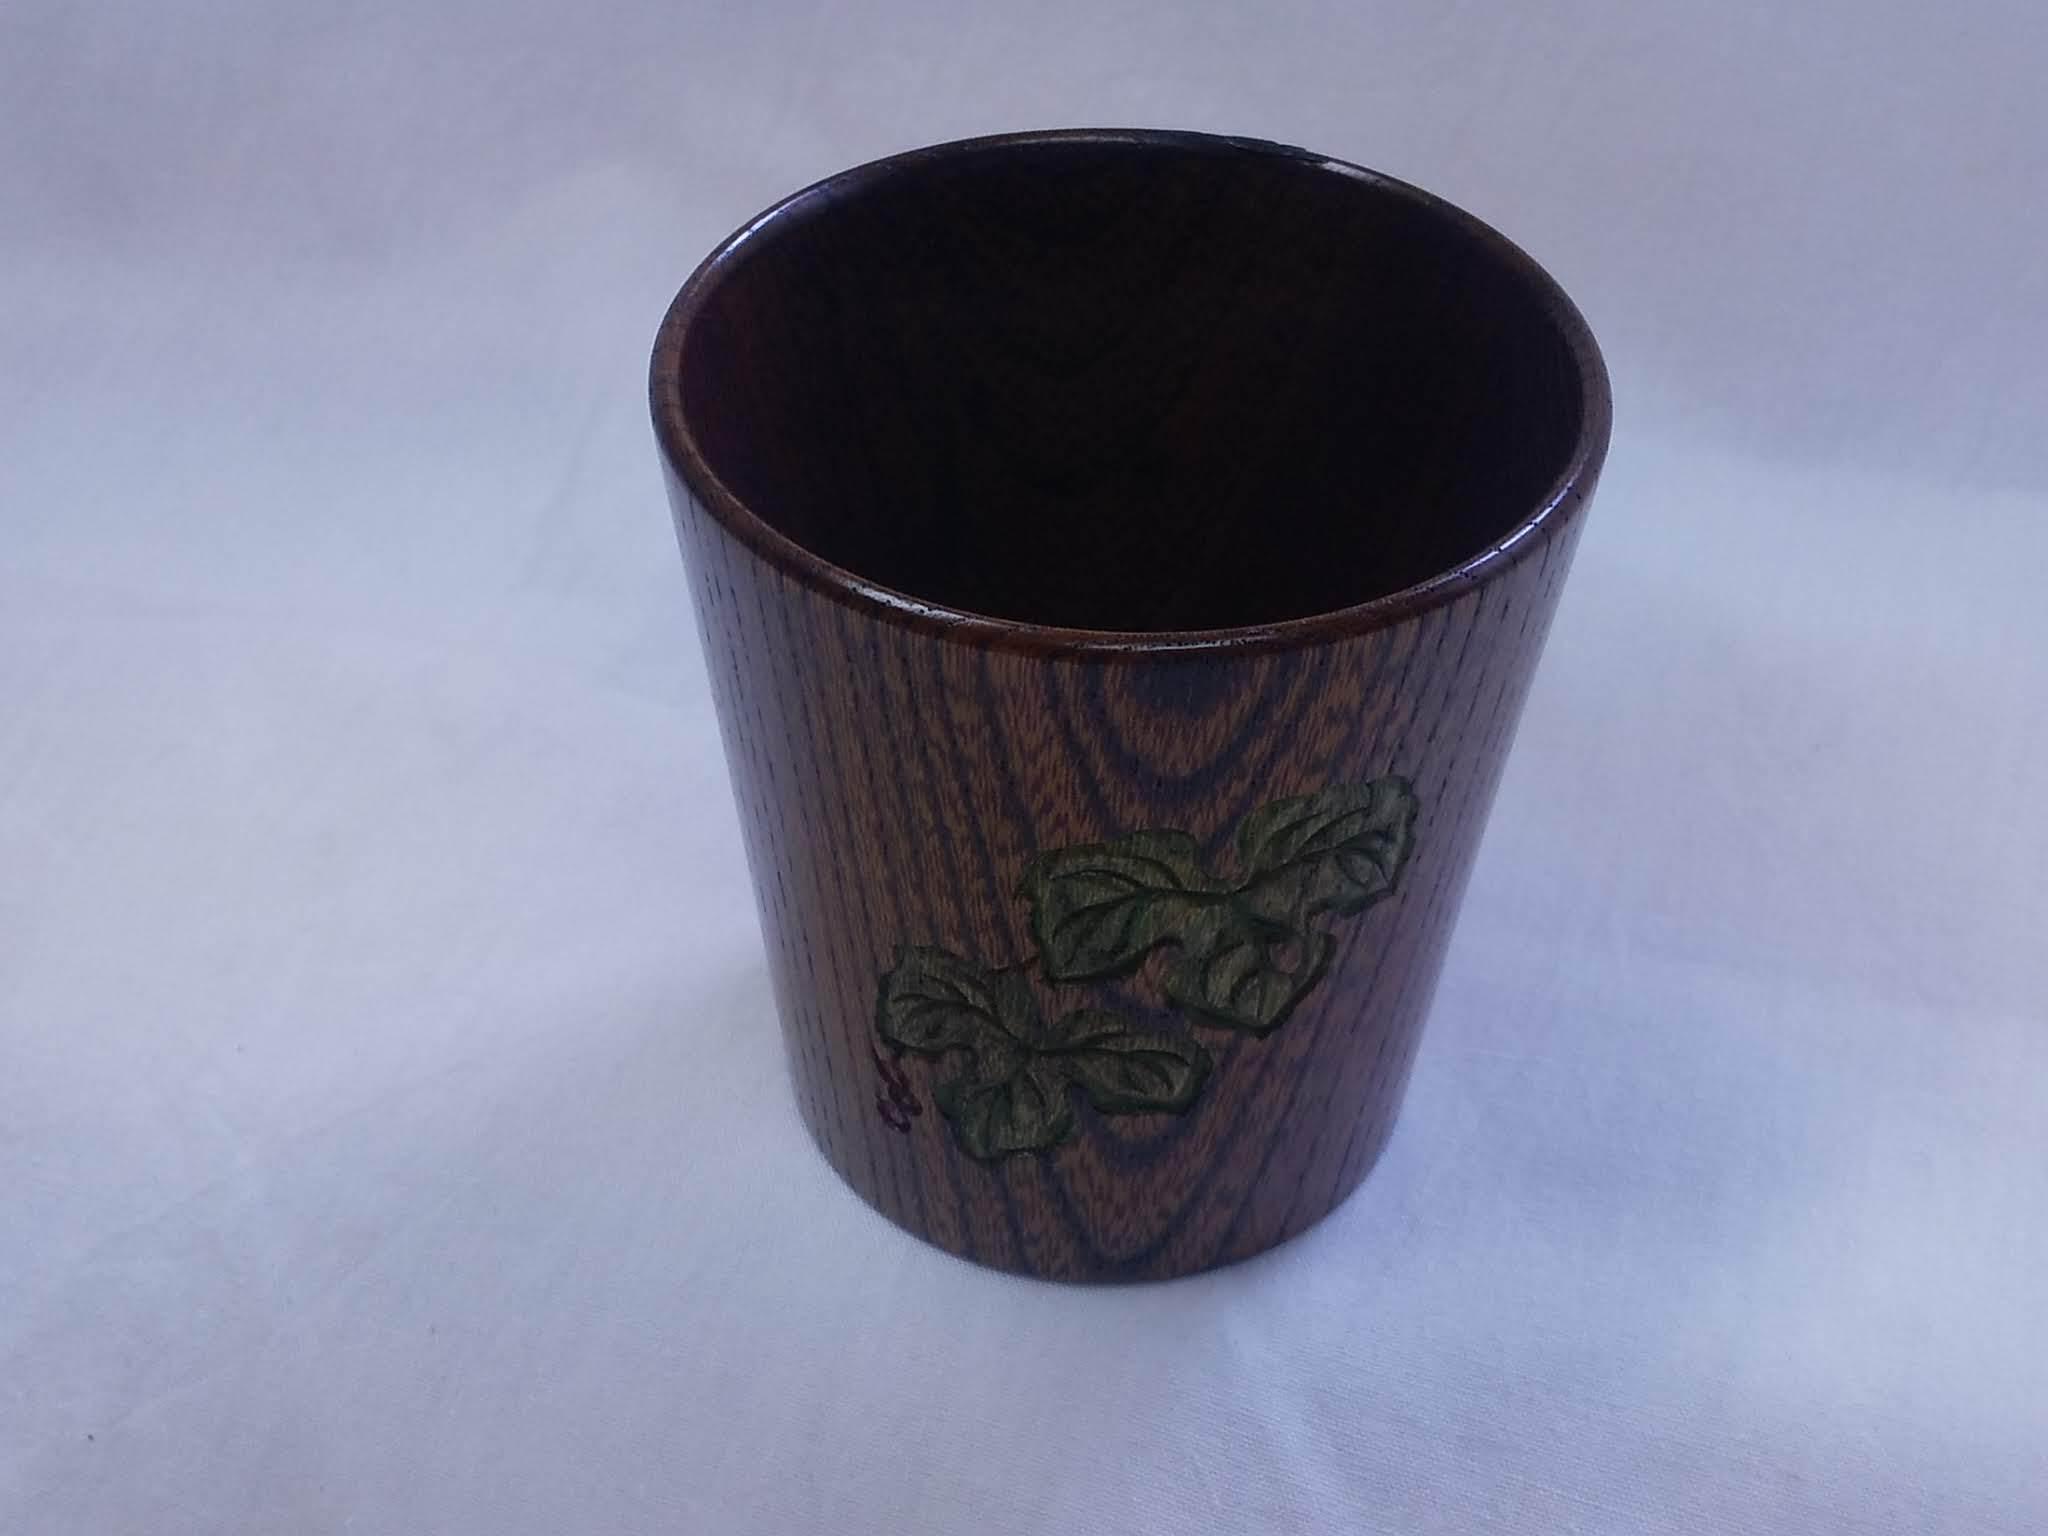 カップ(野葡萄彫刻入り)